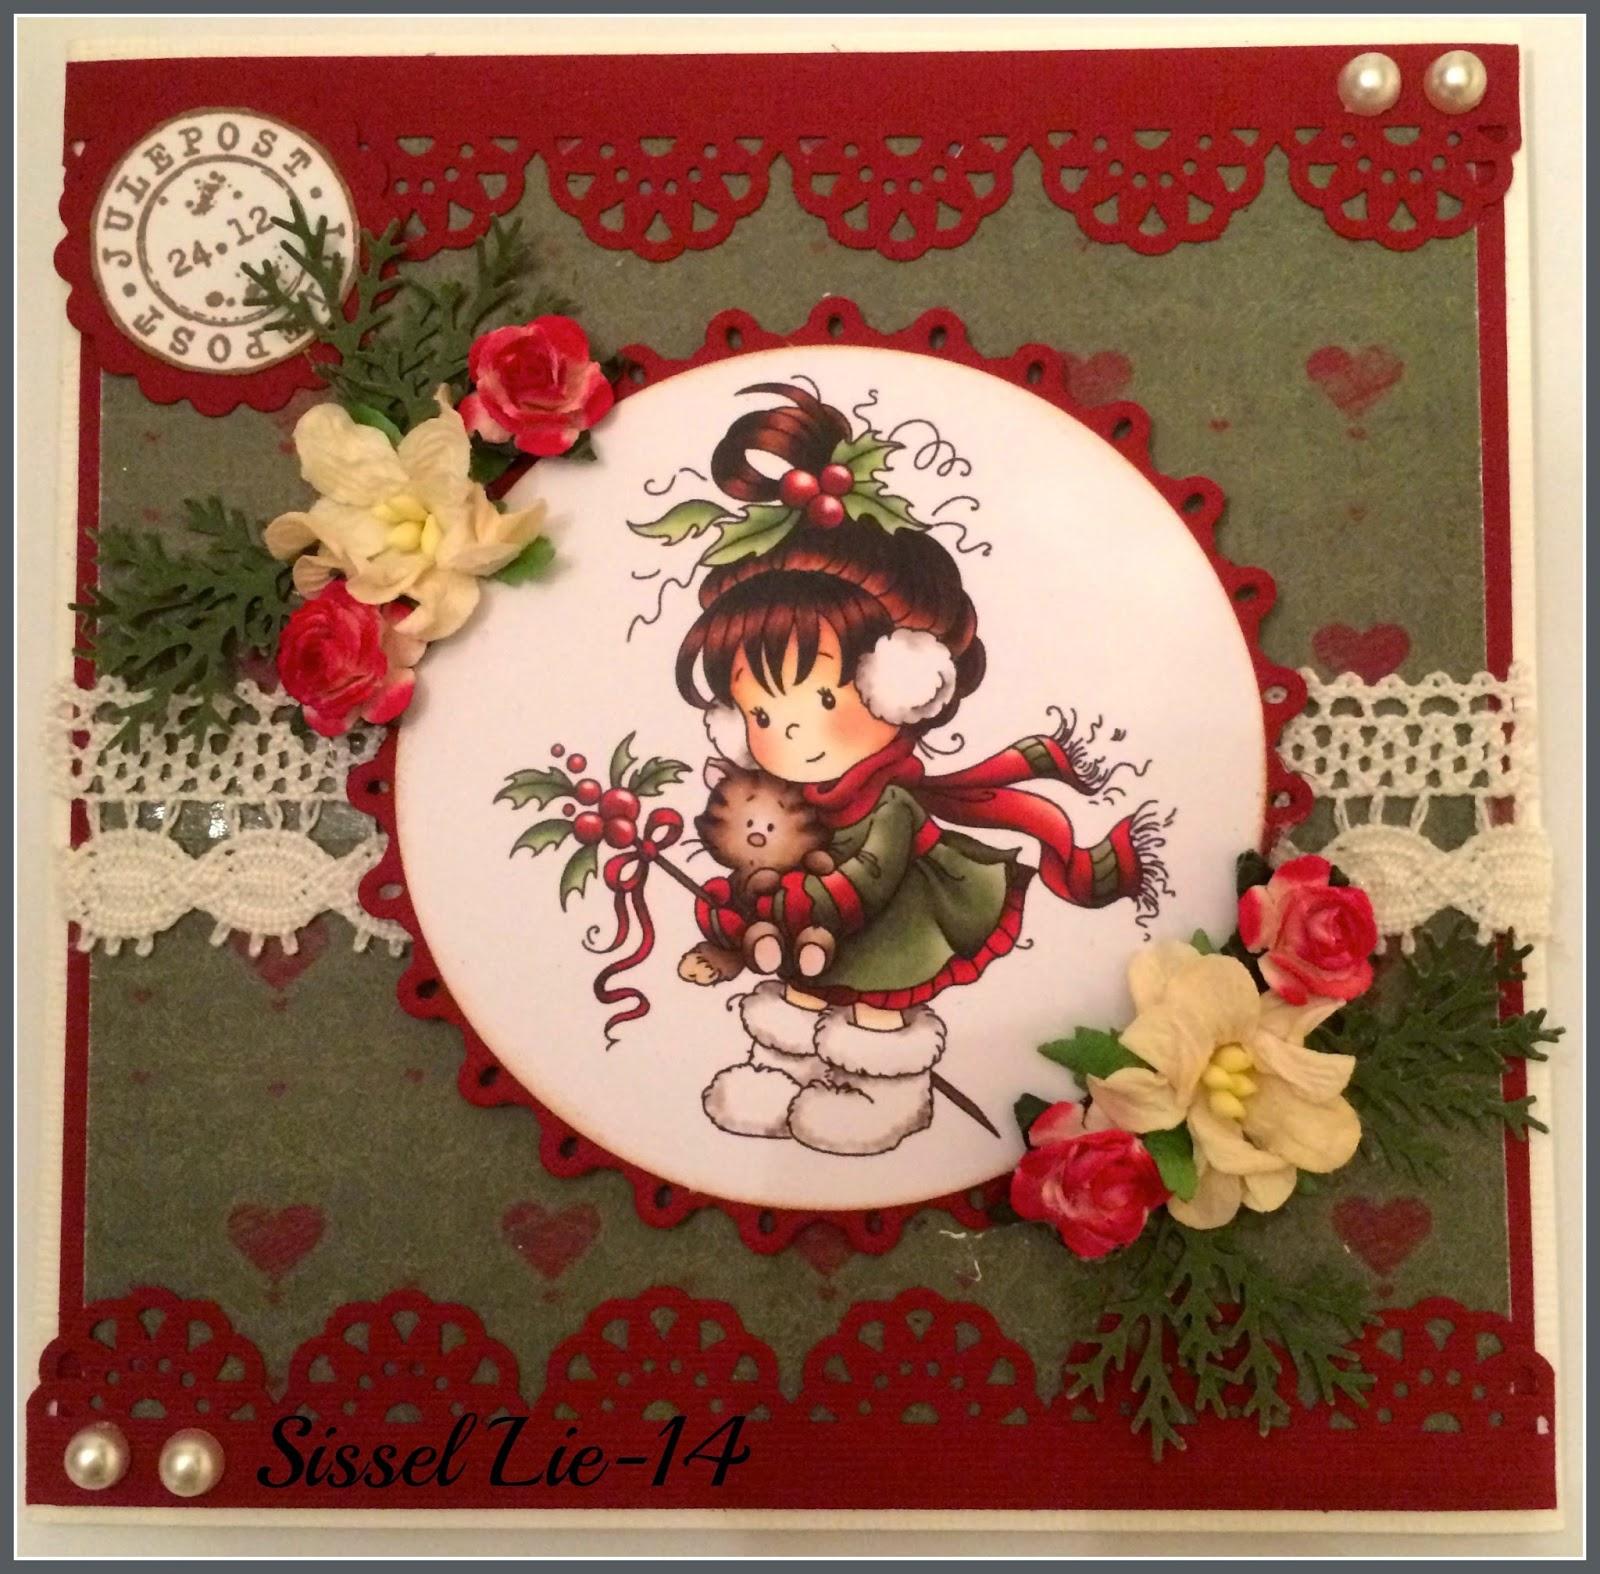 #120 jul i tradisjonelle farger - Rød, grønn, og hvit